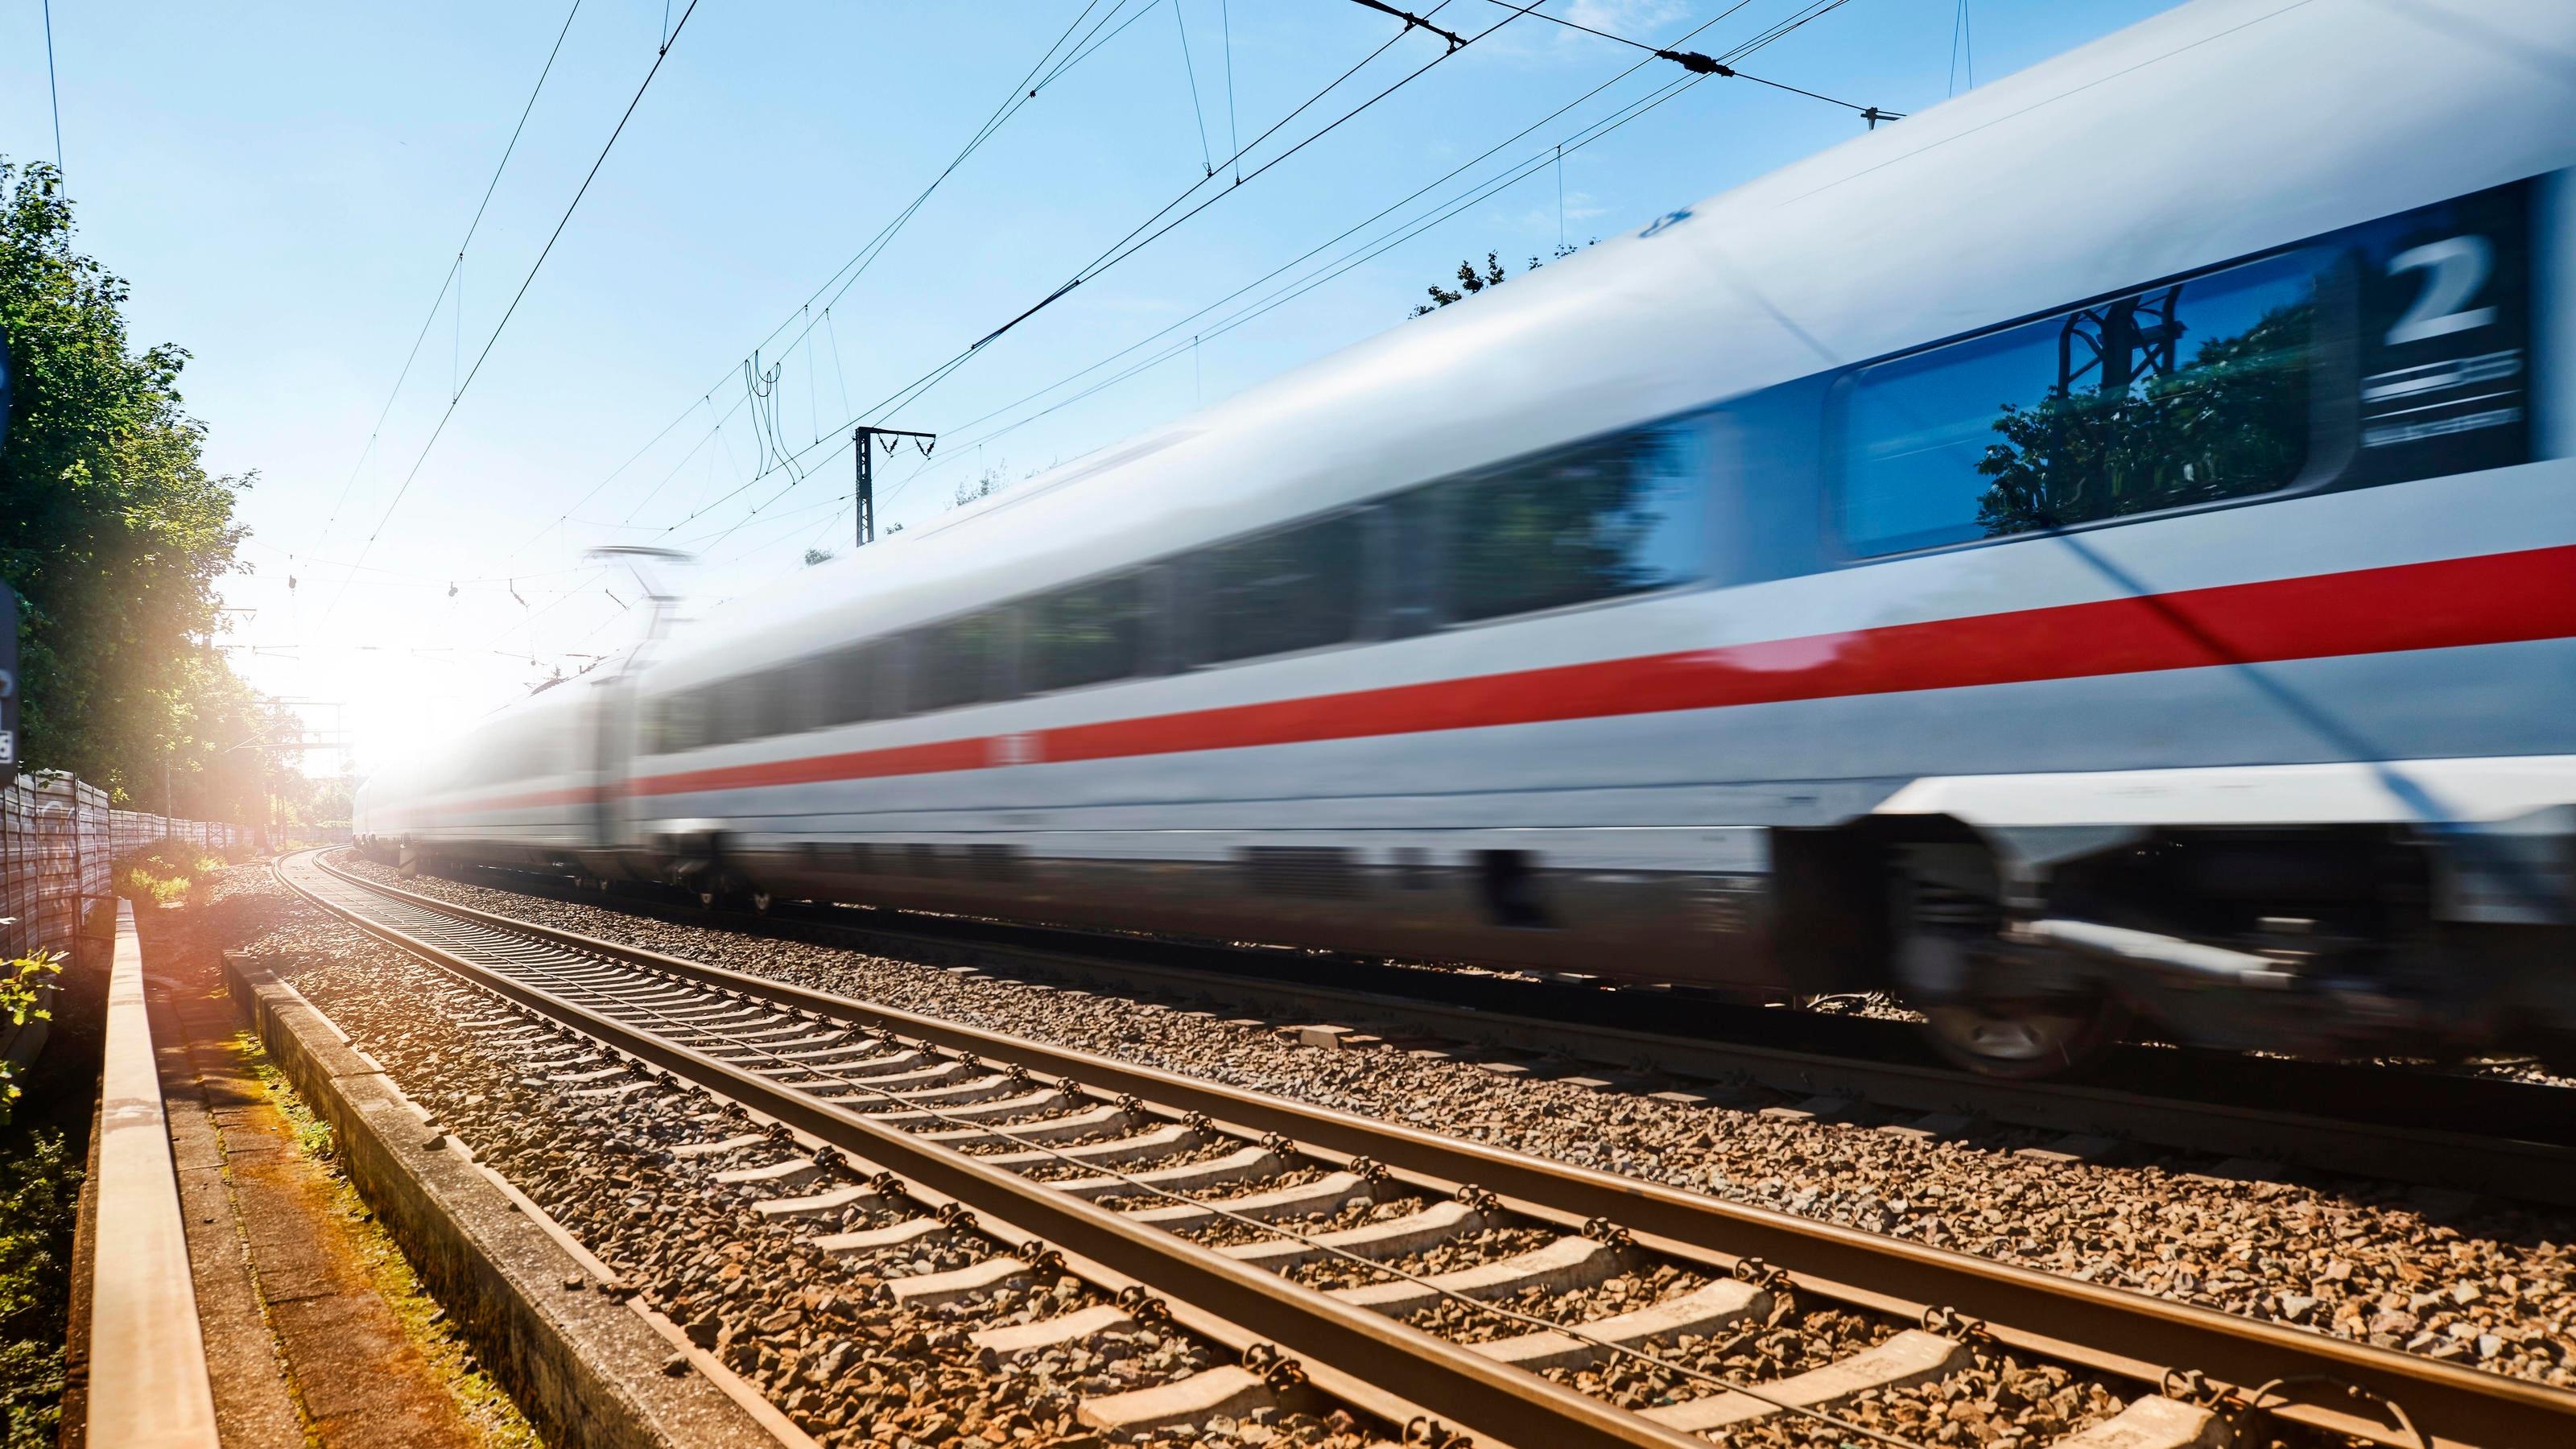 Ein 17-Jähriger aus Mülheim an der Ruhr soll die Deutsche Bahn mit illegal erworbenen Onlinetickets um mehr als 270.000 Euro betrogen haben. (Symbolbild)